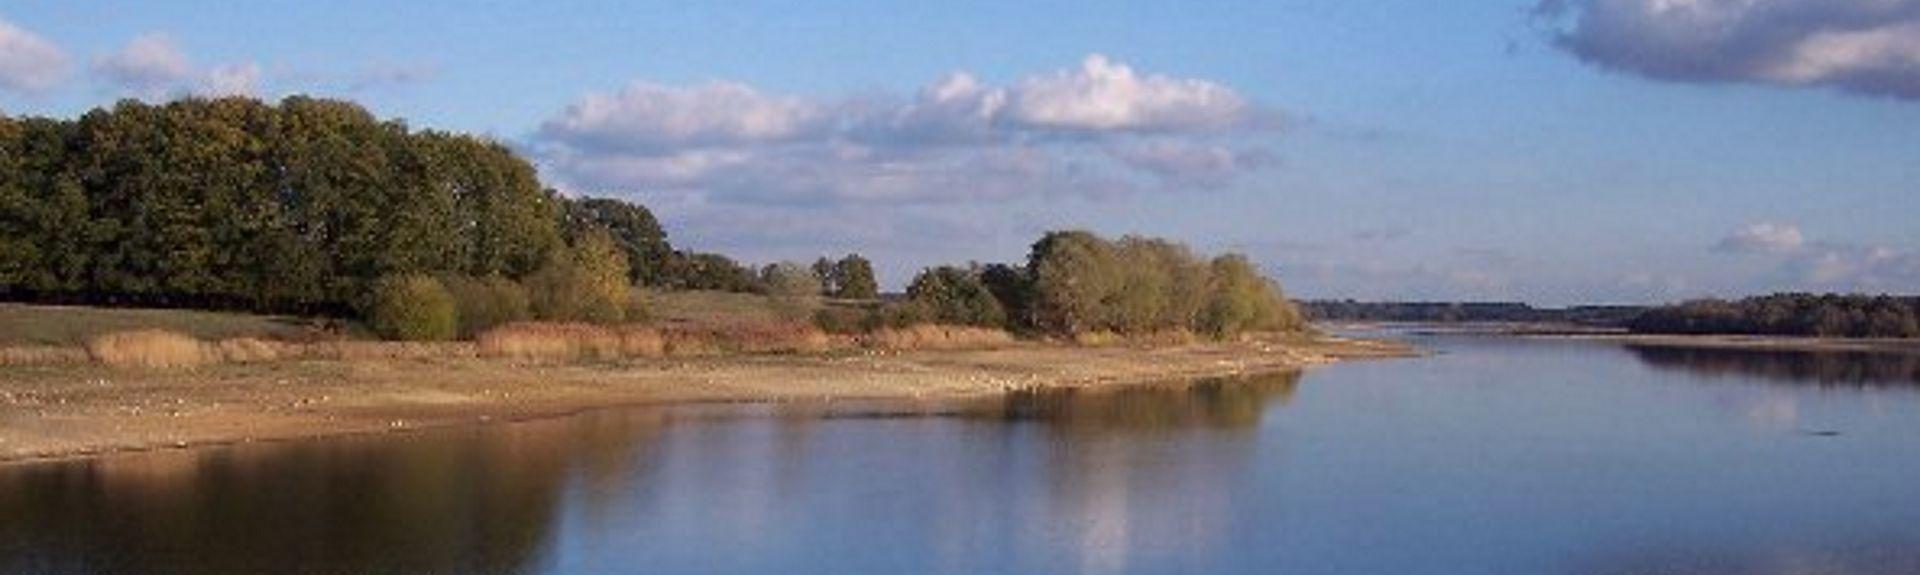 Lublé, Indre-et-Loire (département), France